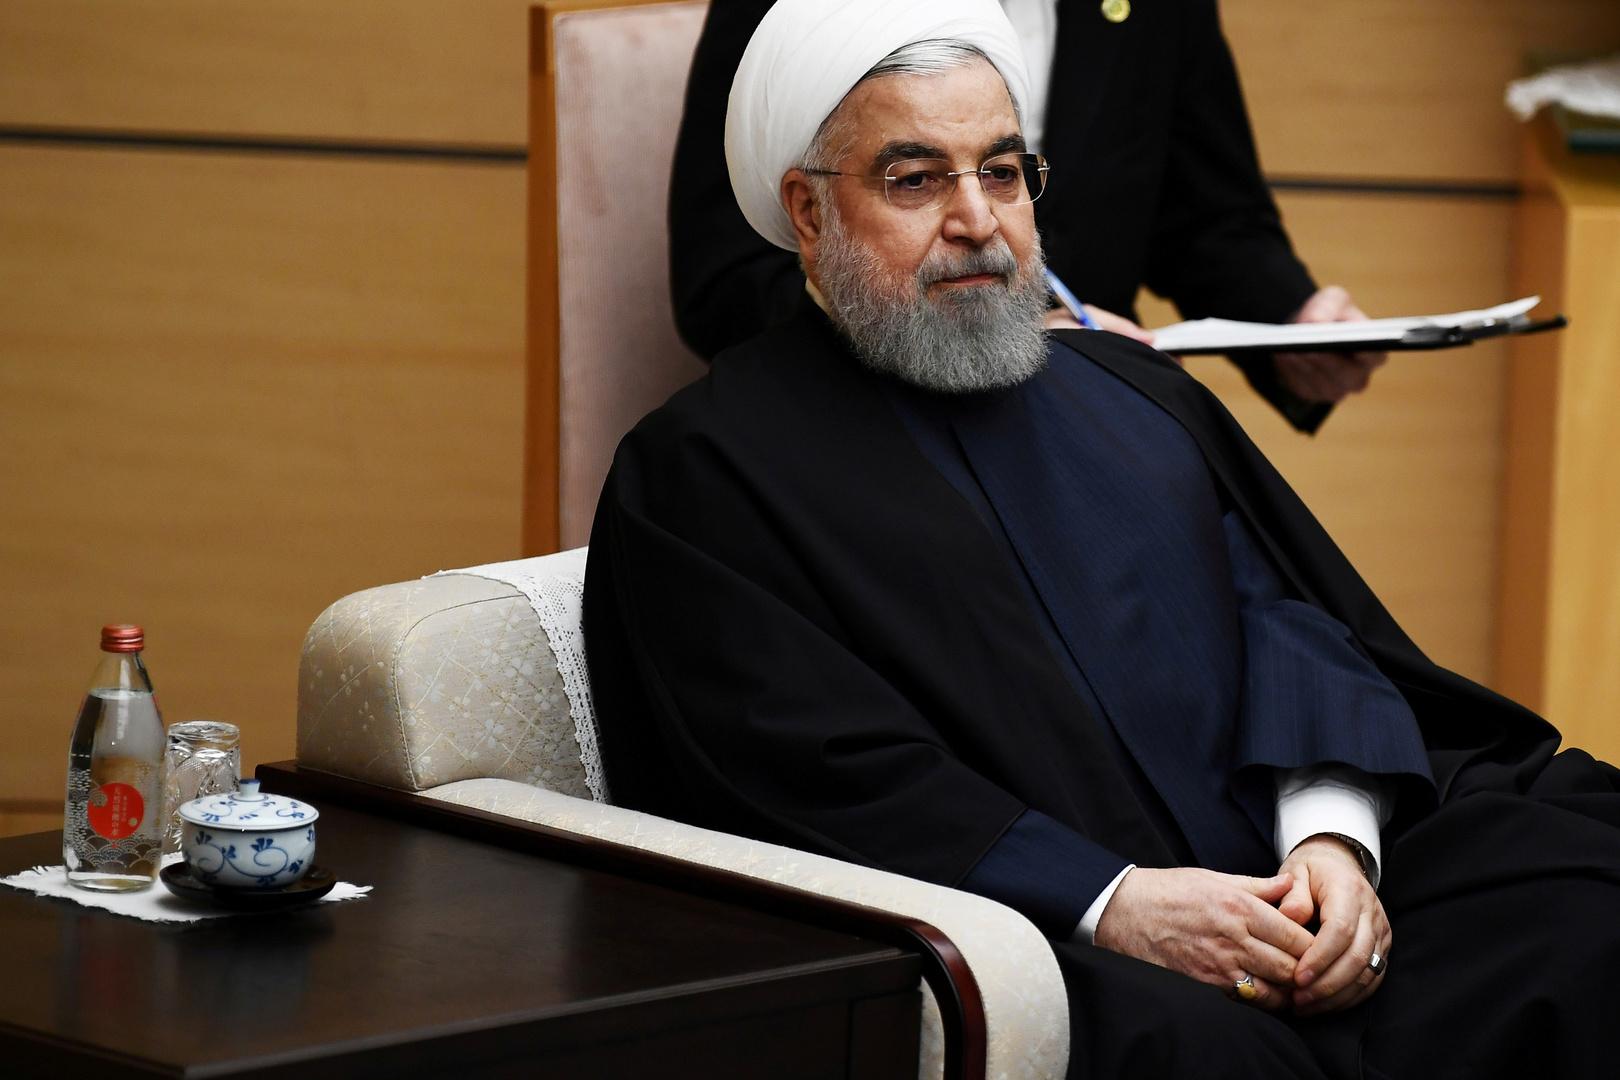 روحاني: لن نحتاج للخليج ومضيق هرمز لتصدير النفط في المستقبل